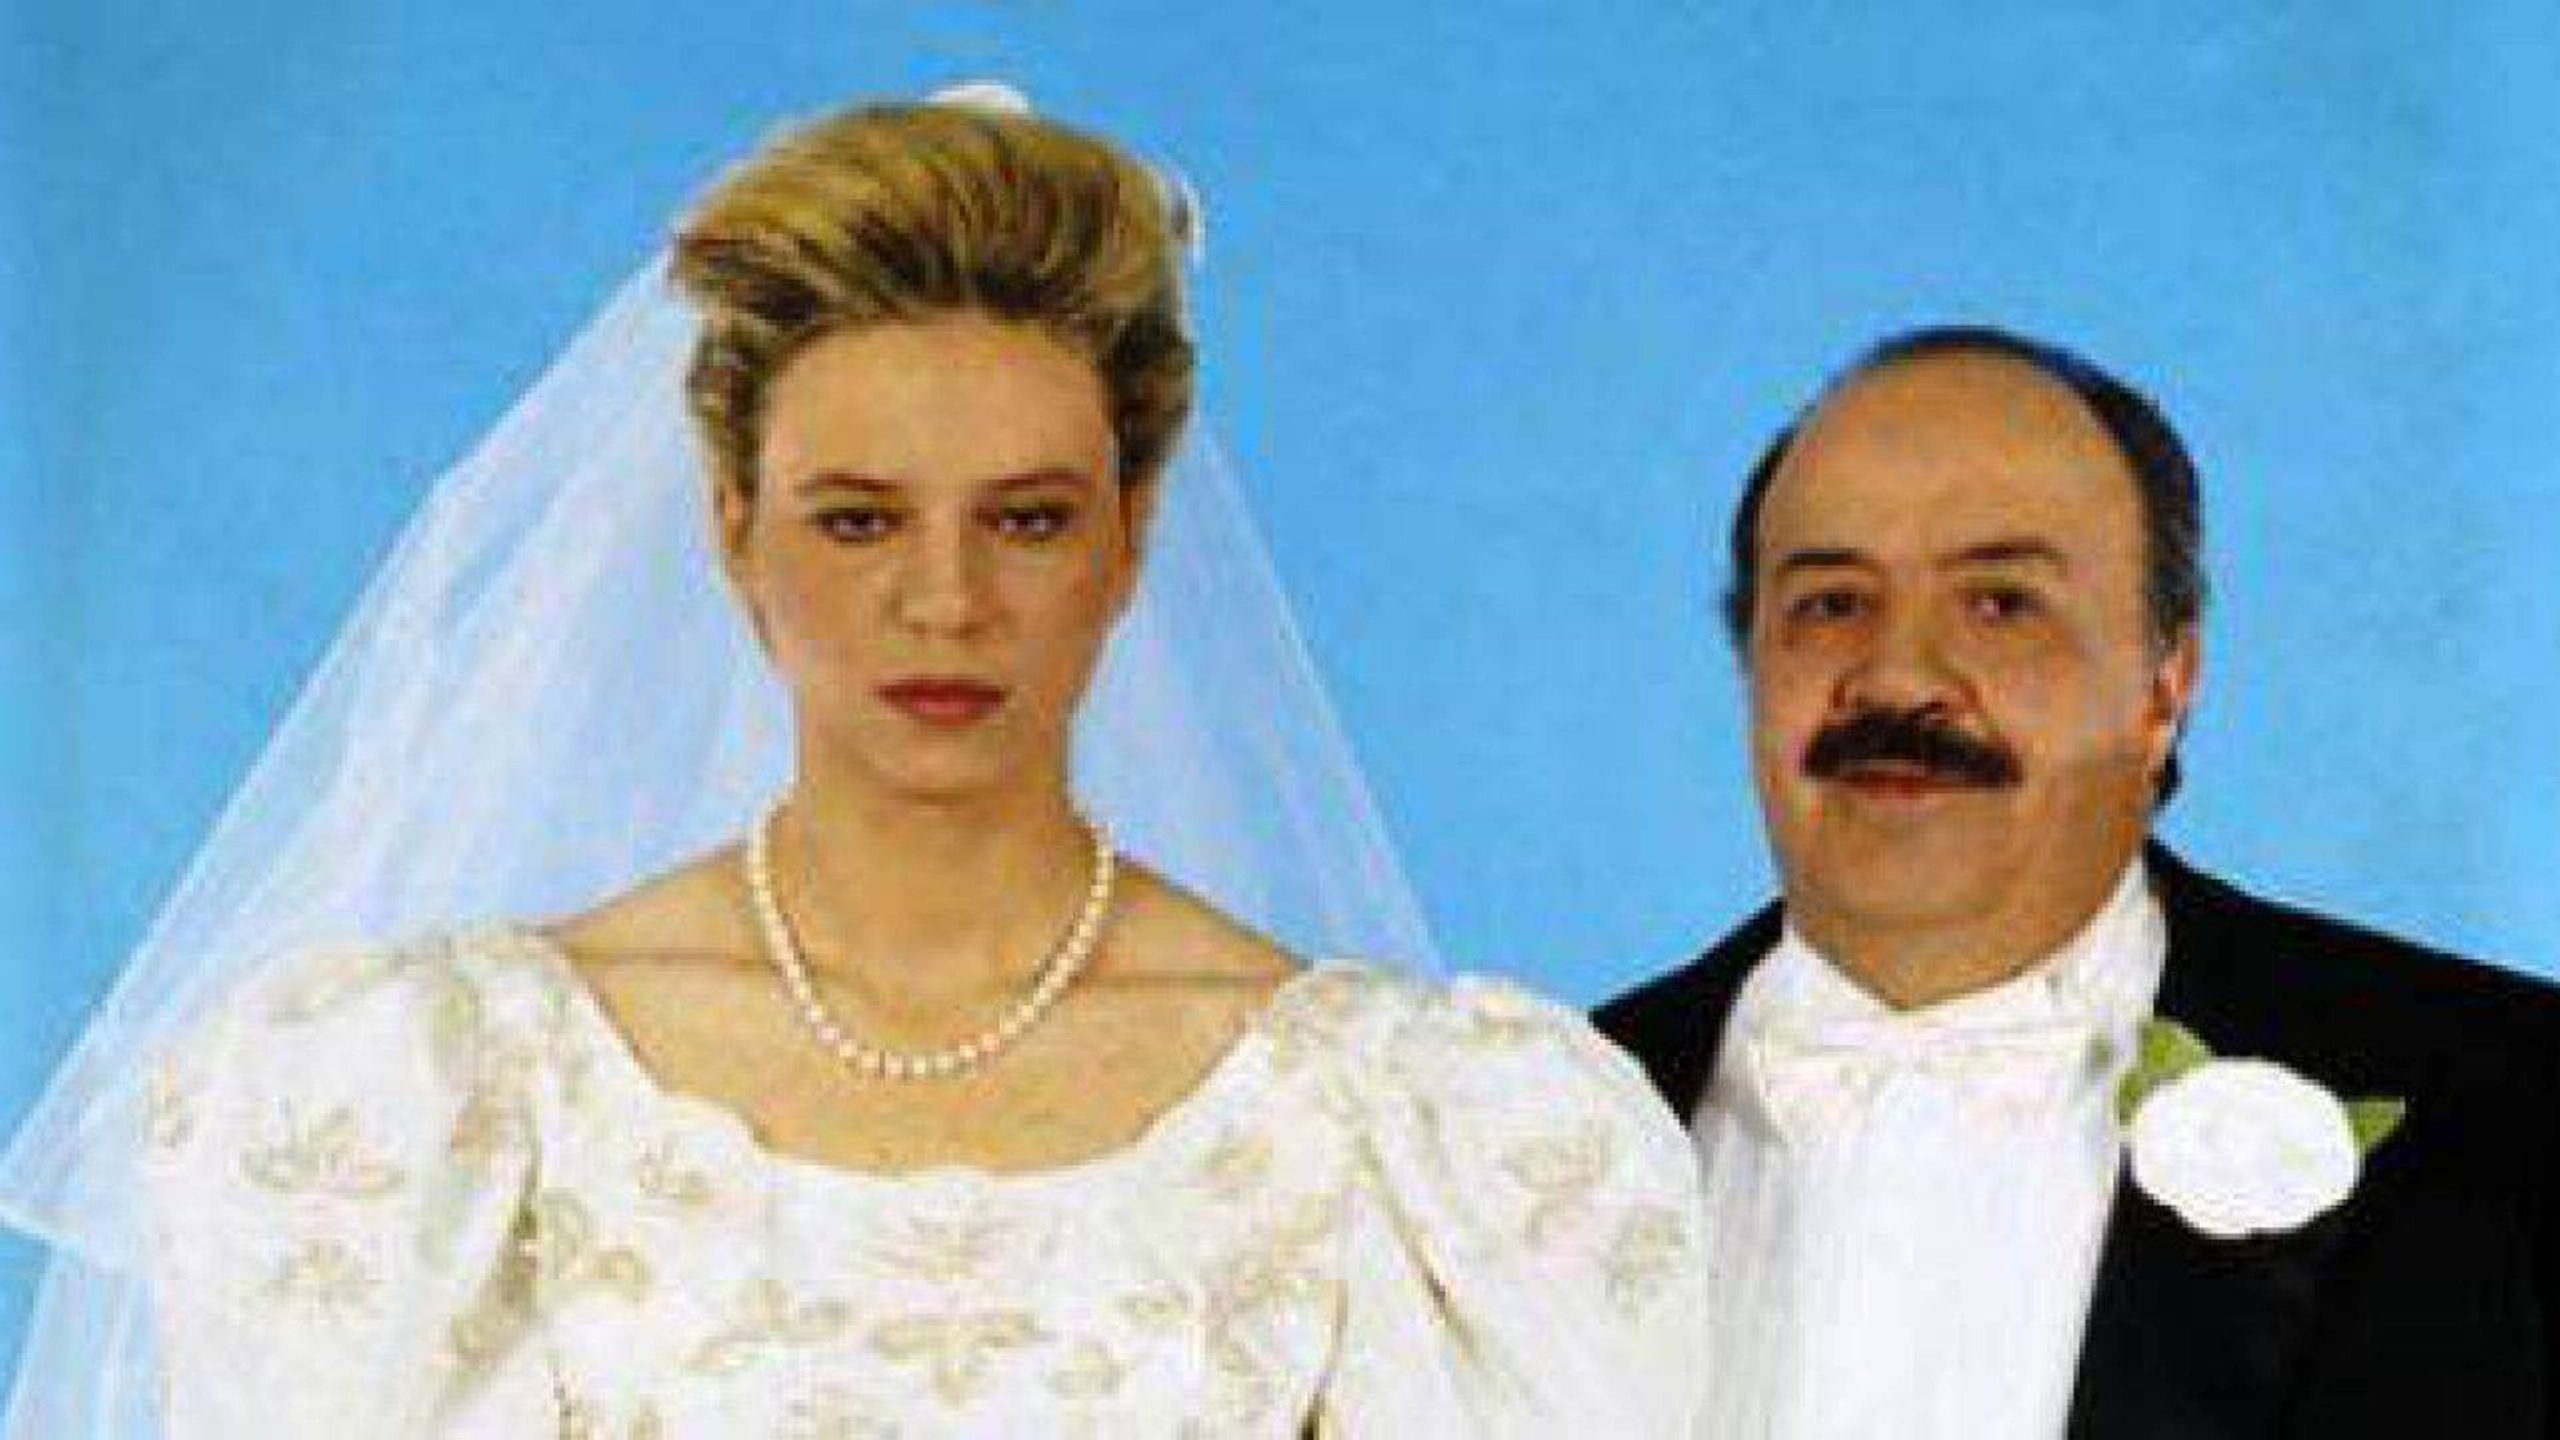 Maria De Filippi e Maurizio Costanzo, la dichiarazione d'amore per le nozze d'argento